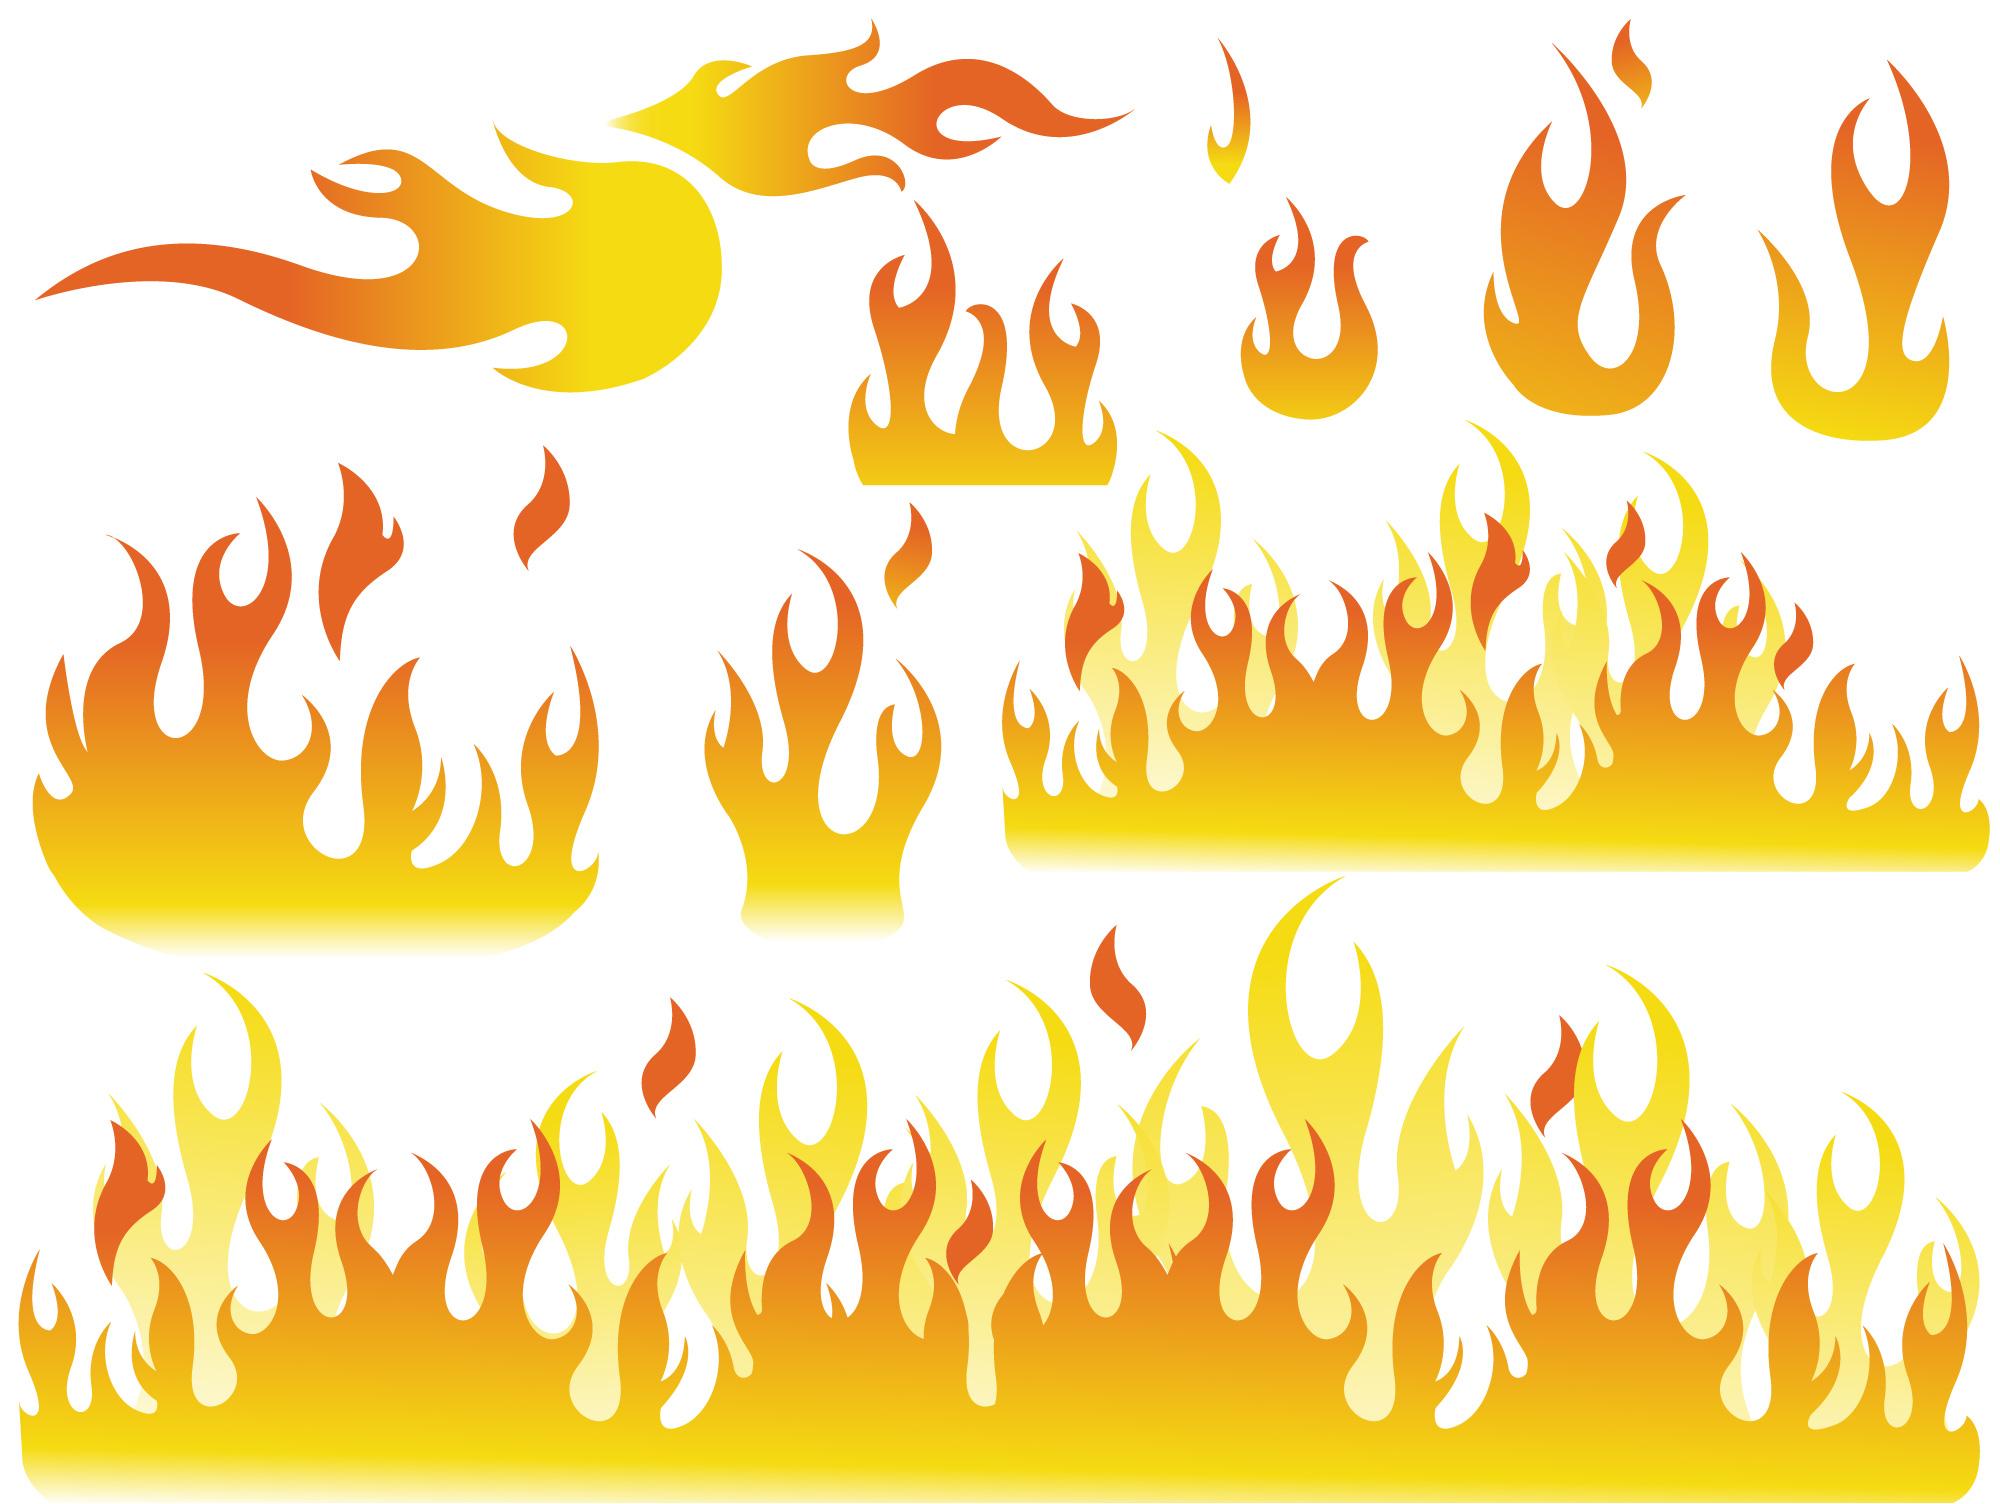 блинчики огонь в векторе картинки замены